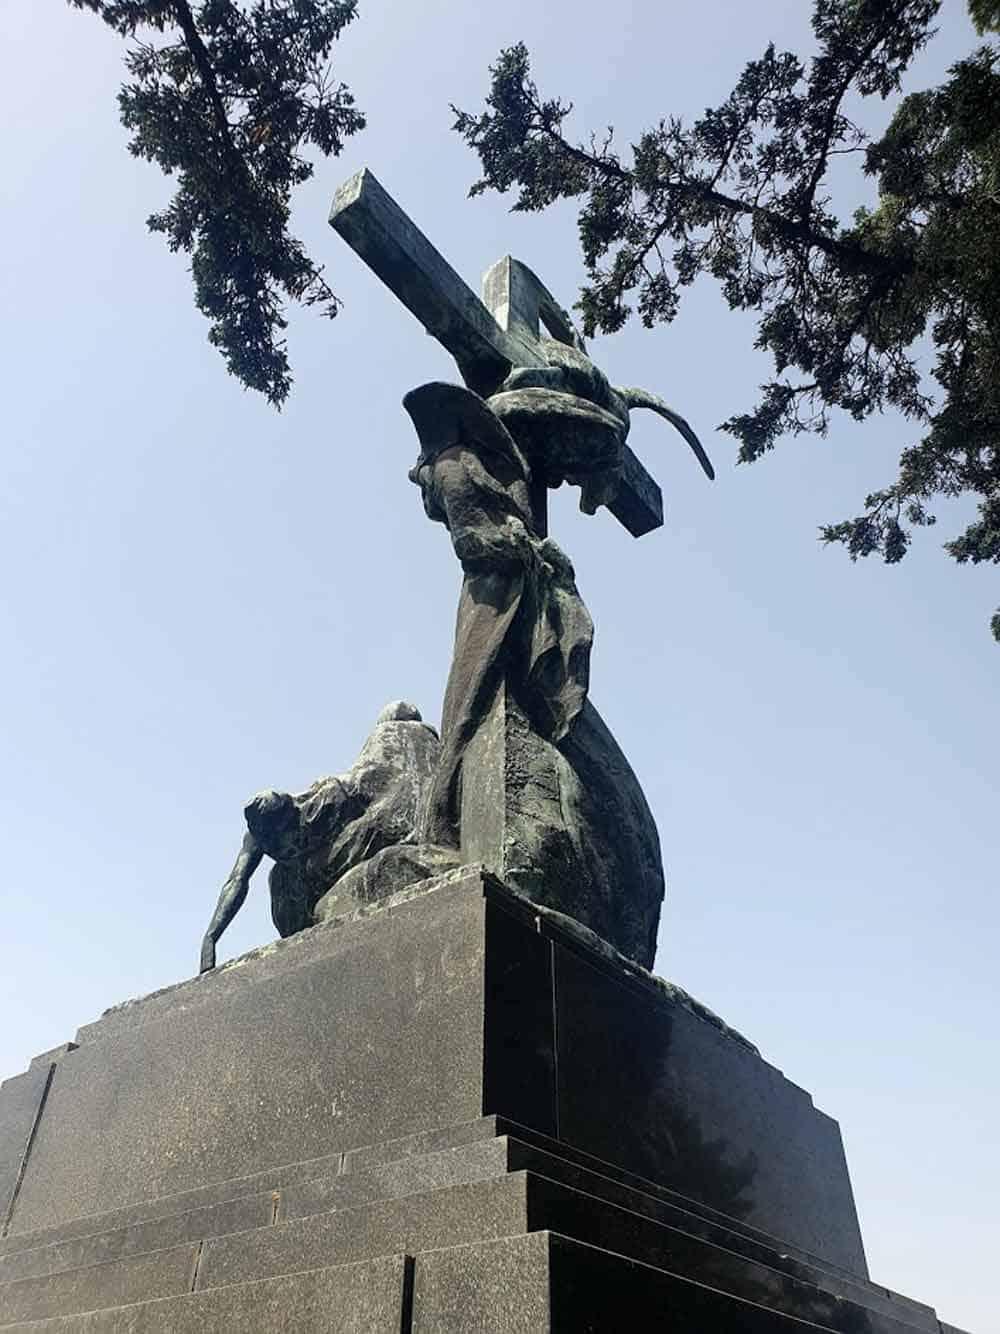 MONUMENTALNO: Mauzolej porodice Špajzer u Apatinu